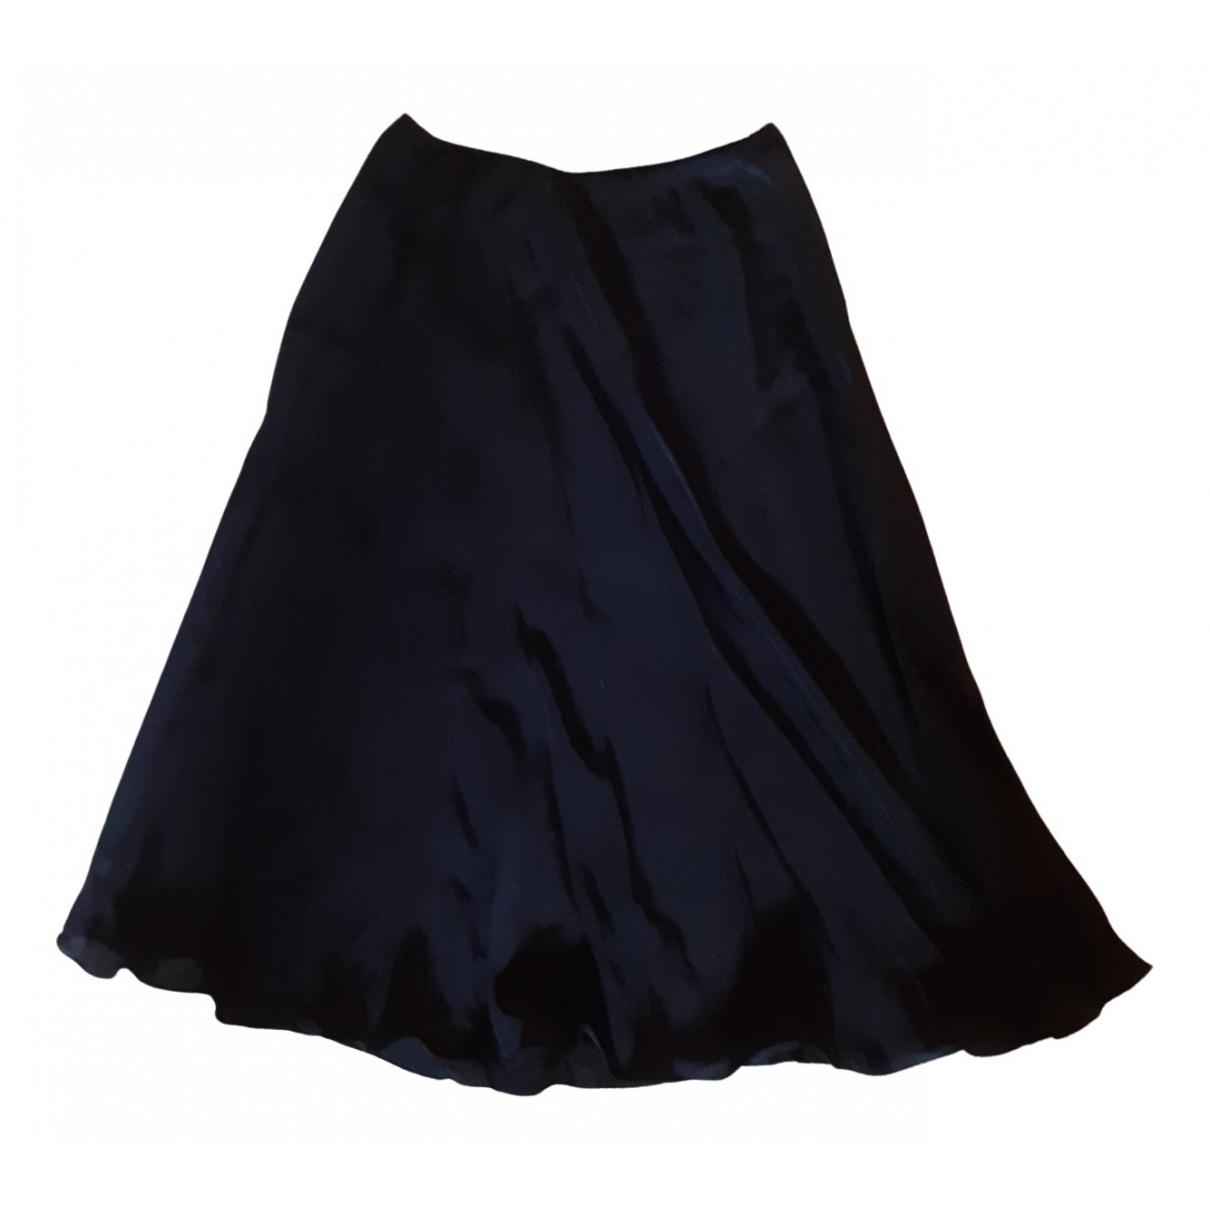 Patrizia Pepe - Jupe   pour femme en soie - noir